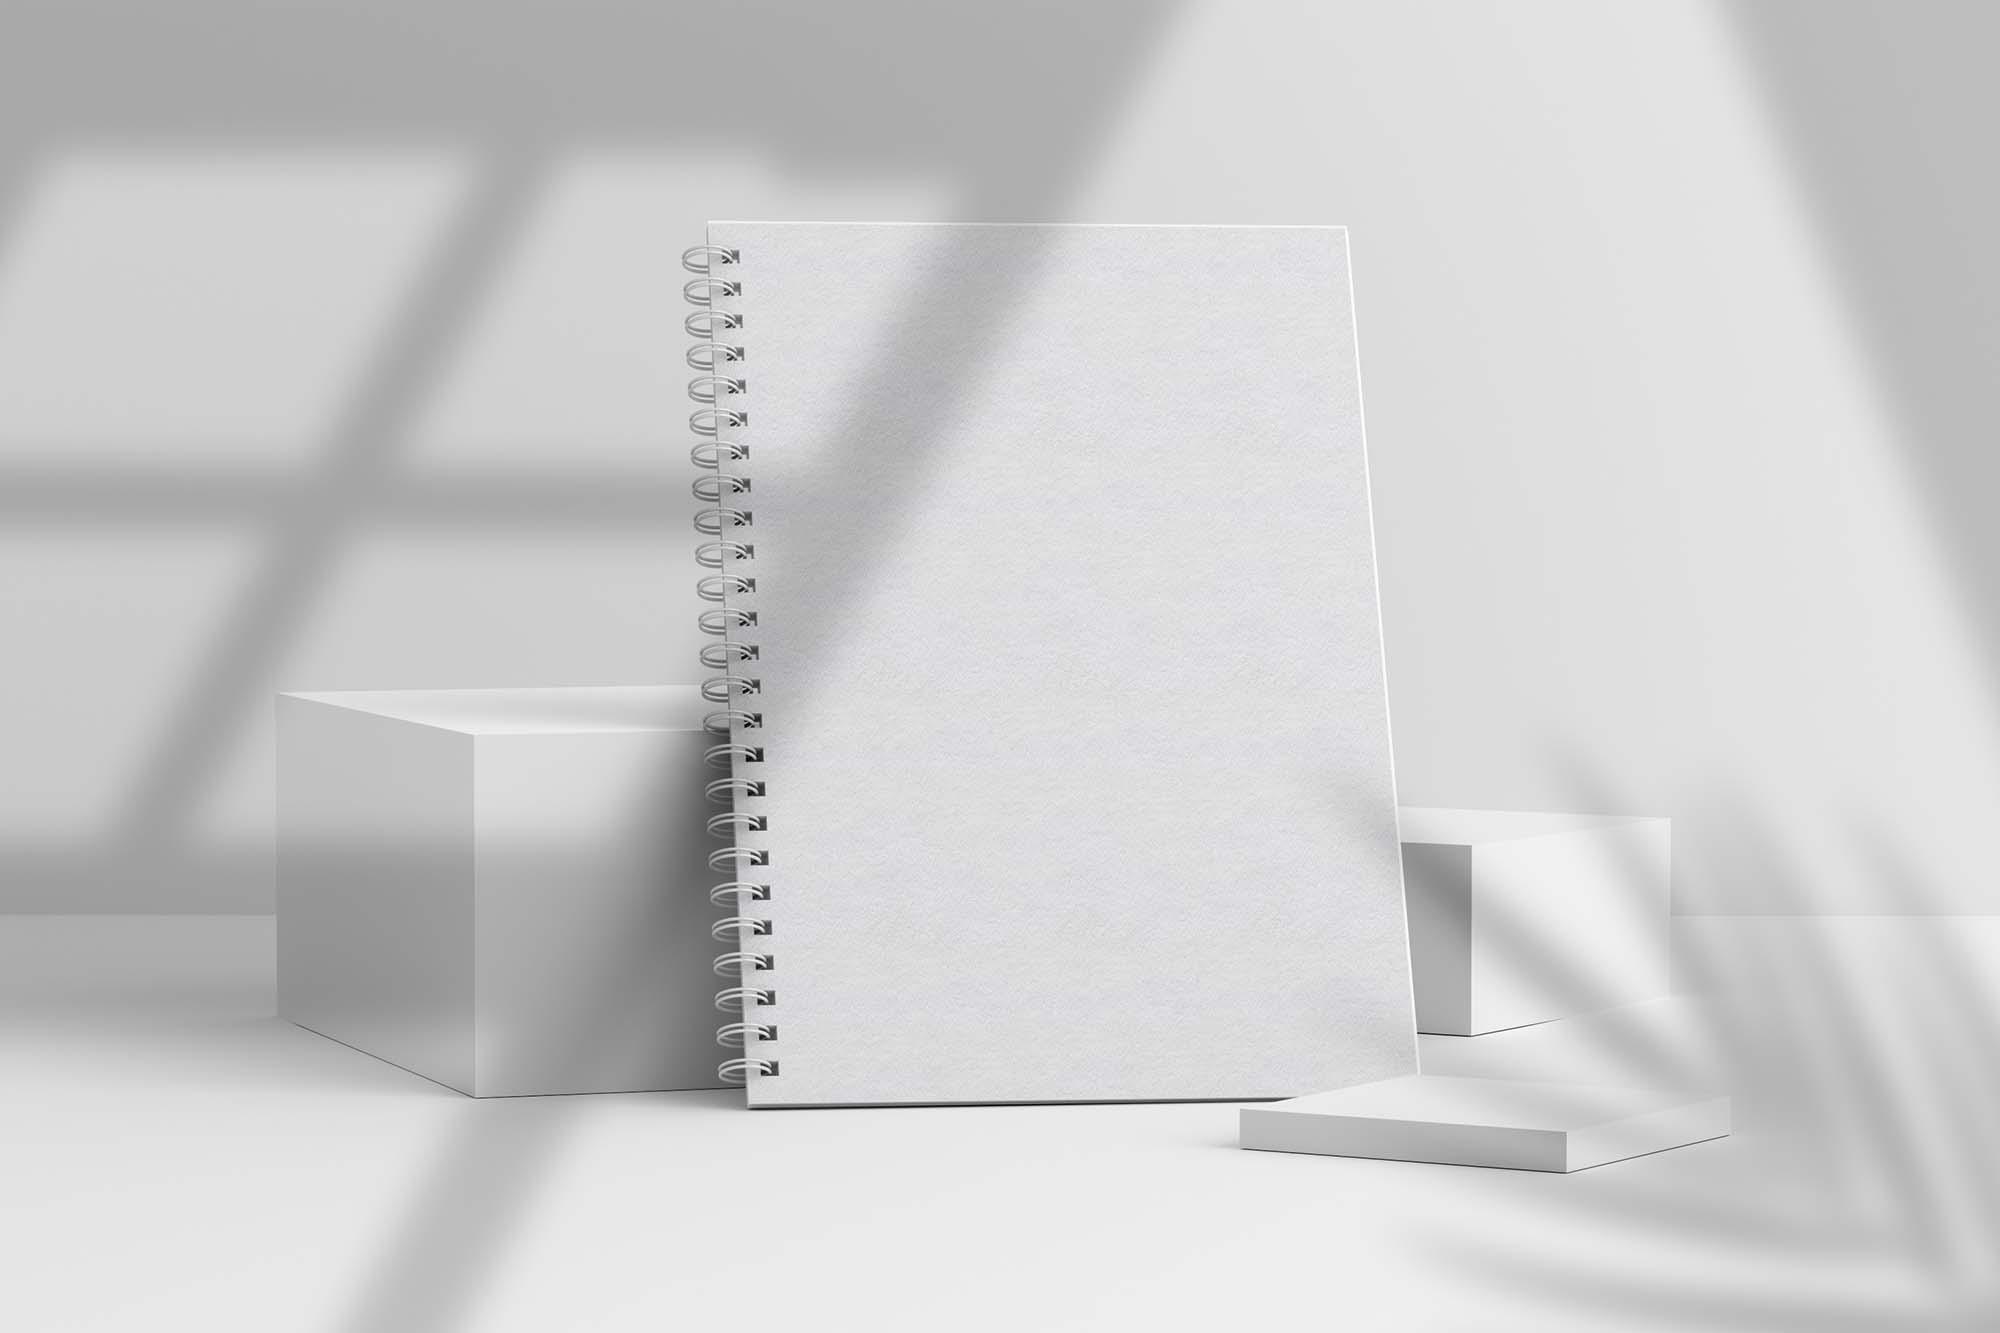 Spiral Notebook Mockup 2